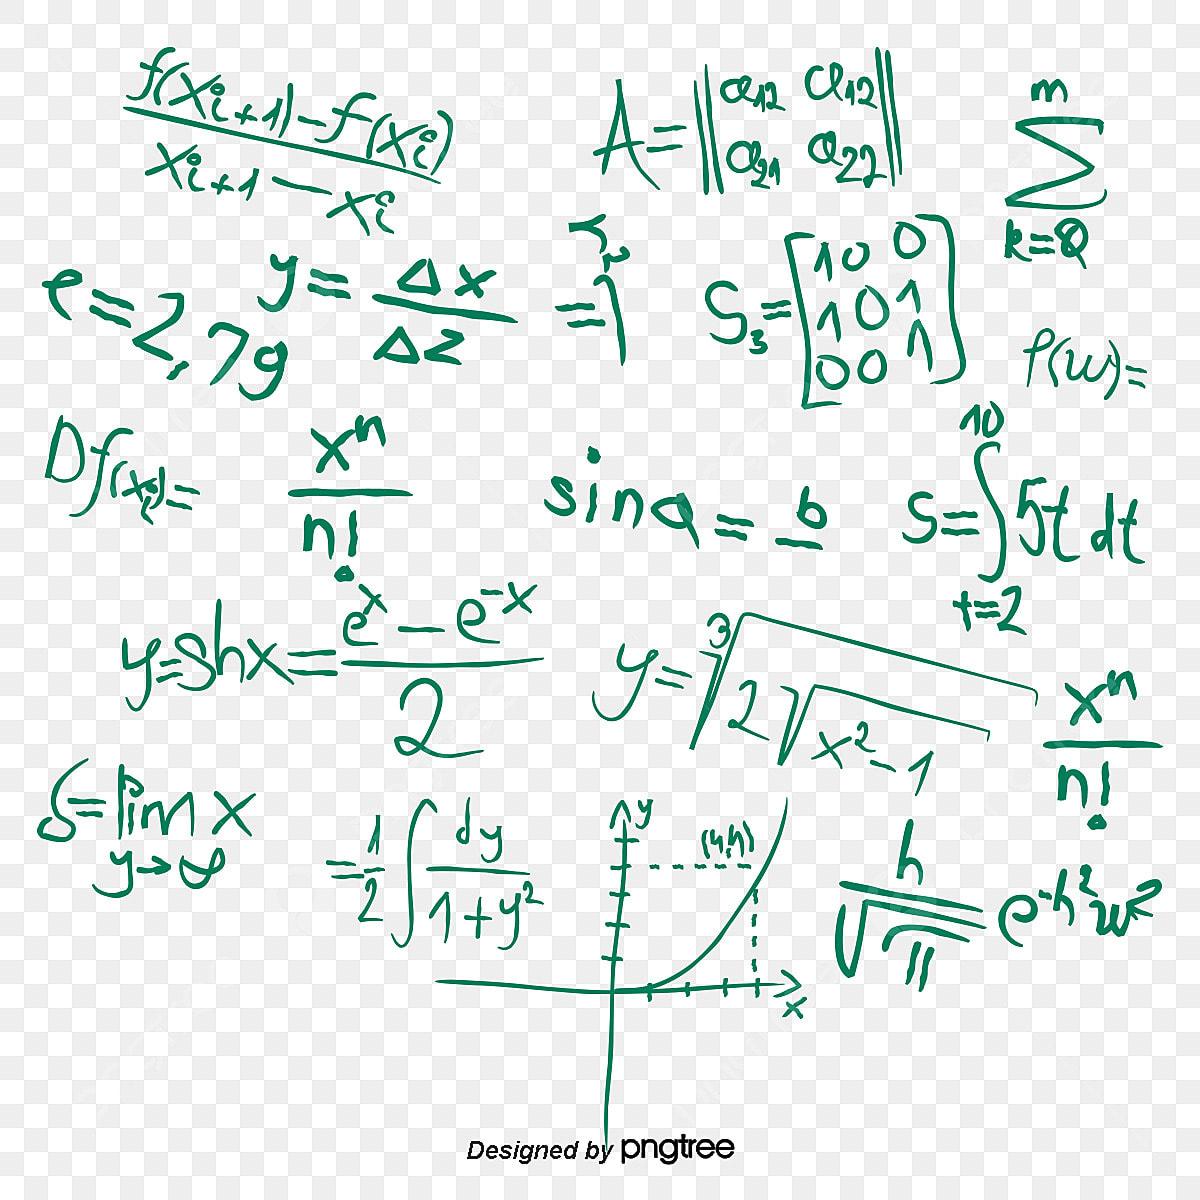 une fonction de calcul math u00e9matique de fond une fonction